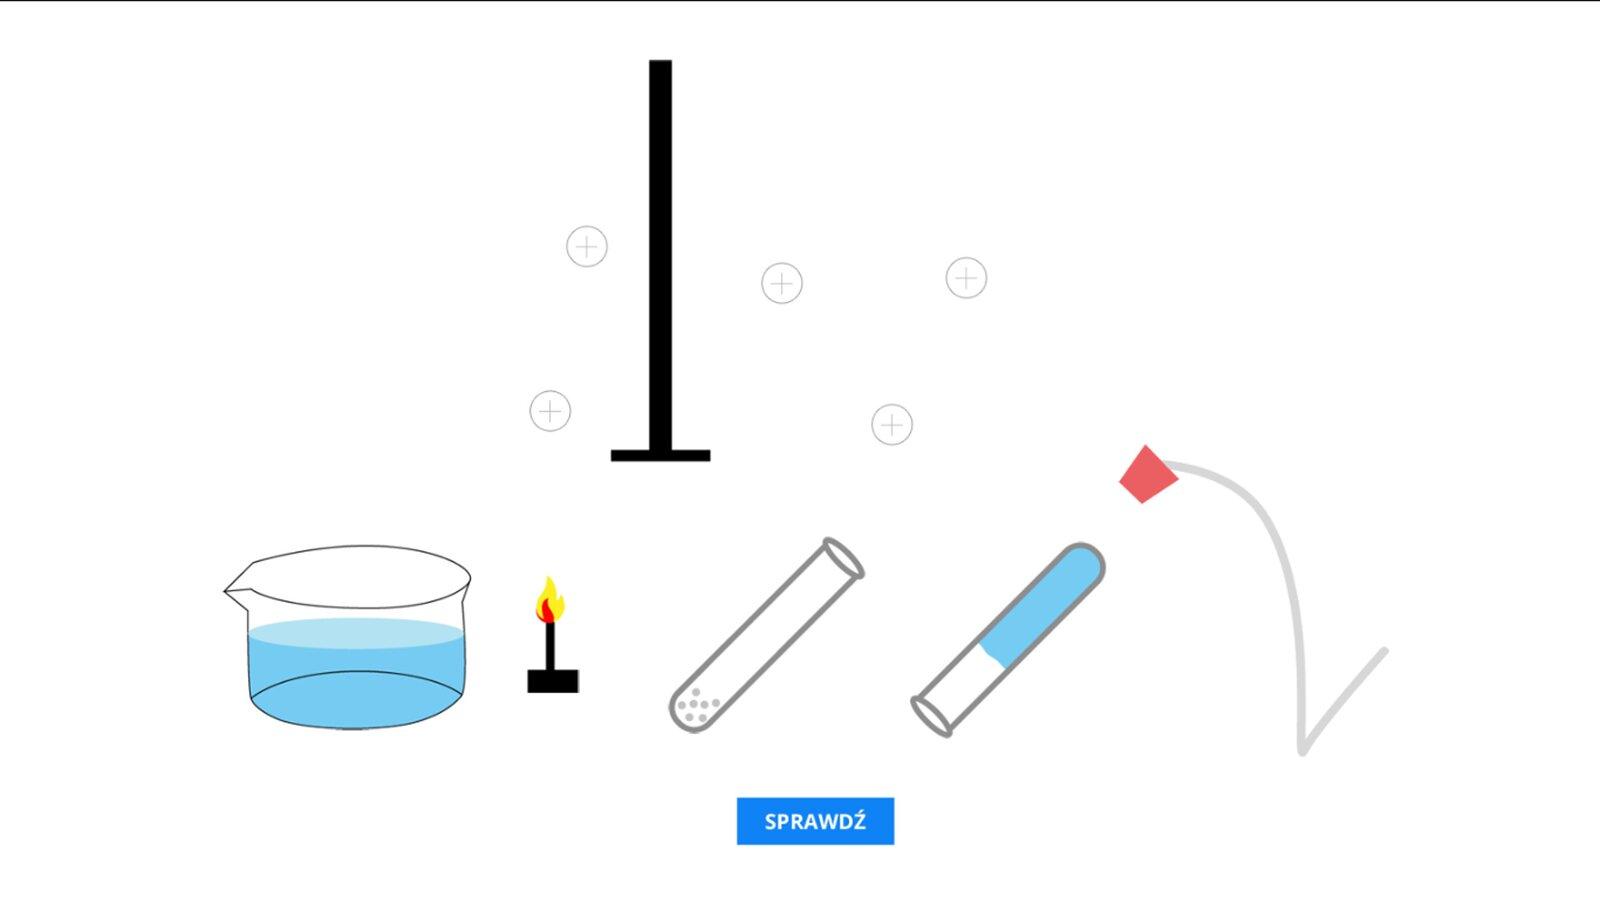 Aplikacja interaktywna wformie układanki, polega na przeciągnięciu widocznych wdolnej części okna pięciu elementów zestawu eksperymentatorskiego: zlewki zwodą, palnika, probówki ze sproszkowaną substancją, probówki zwodą oraz rurki zkorkiem do odpowiednich miejsc wokół laboratoryjnego statywu. Przycisk Sprawdź wprawym dolnym rogu okna służy do zweryfikowania poprawności wykonania zadania.